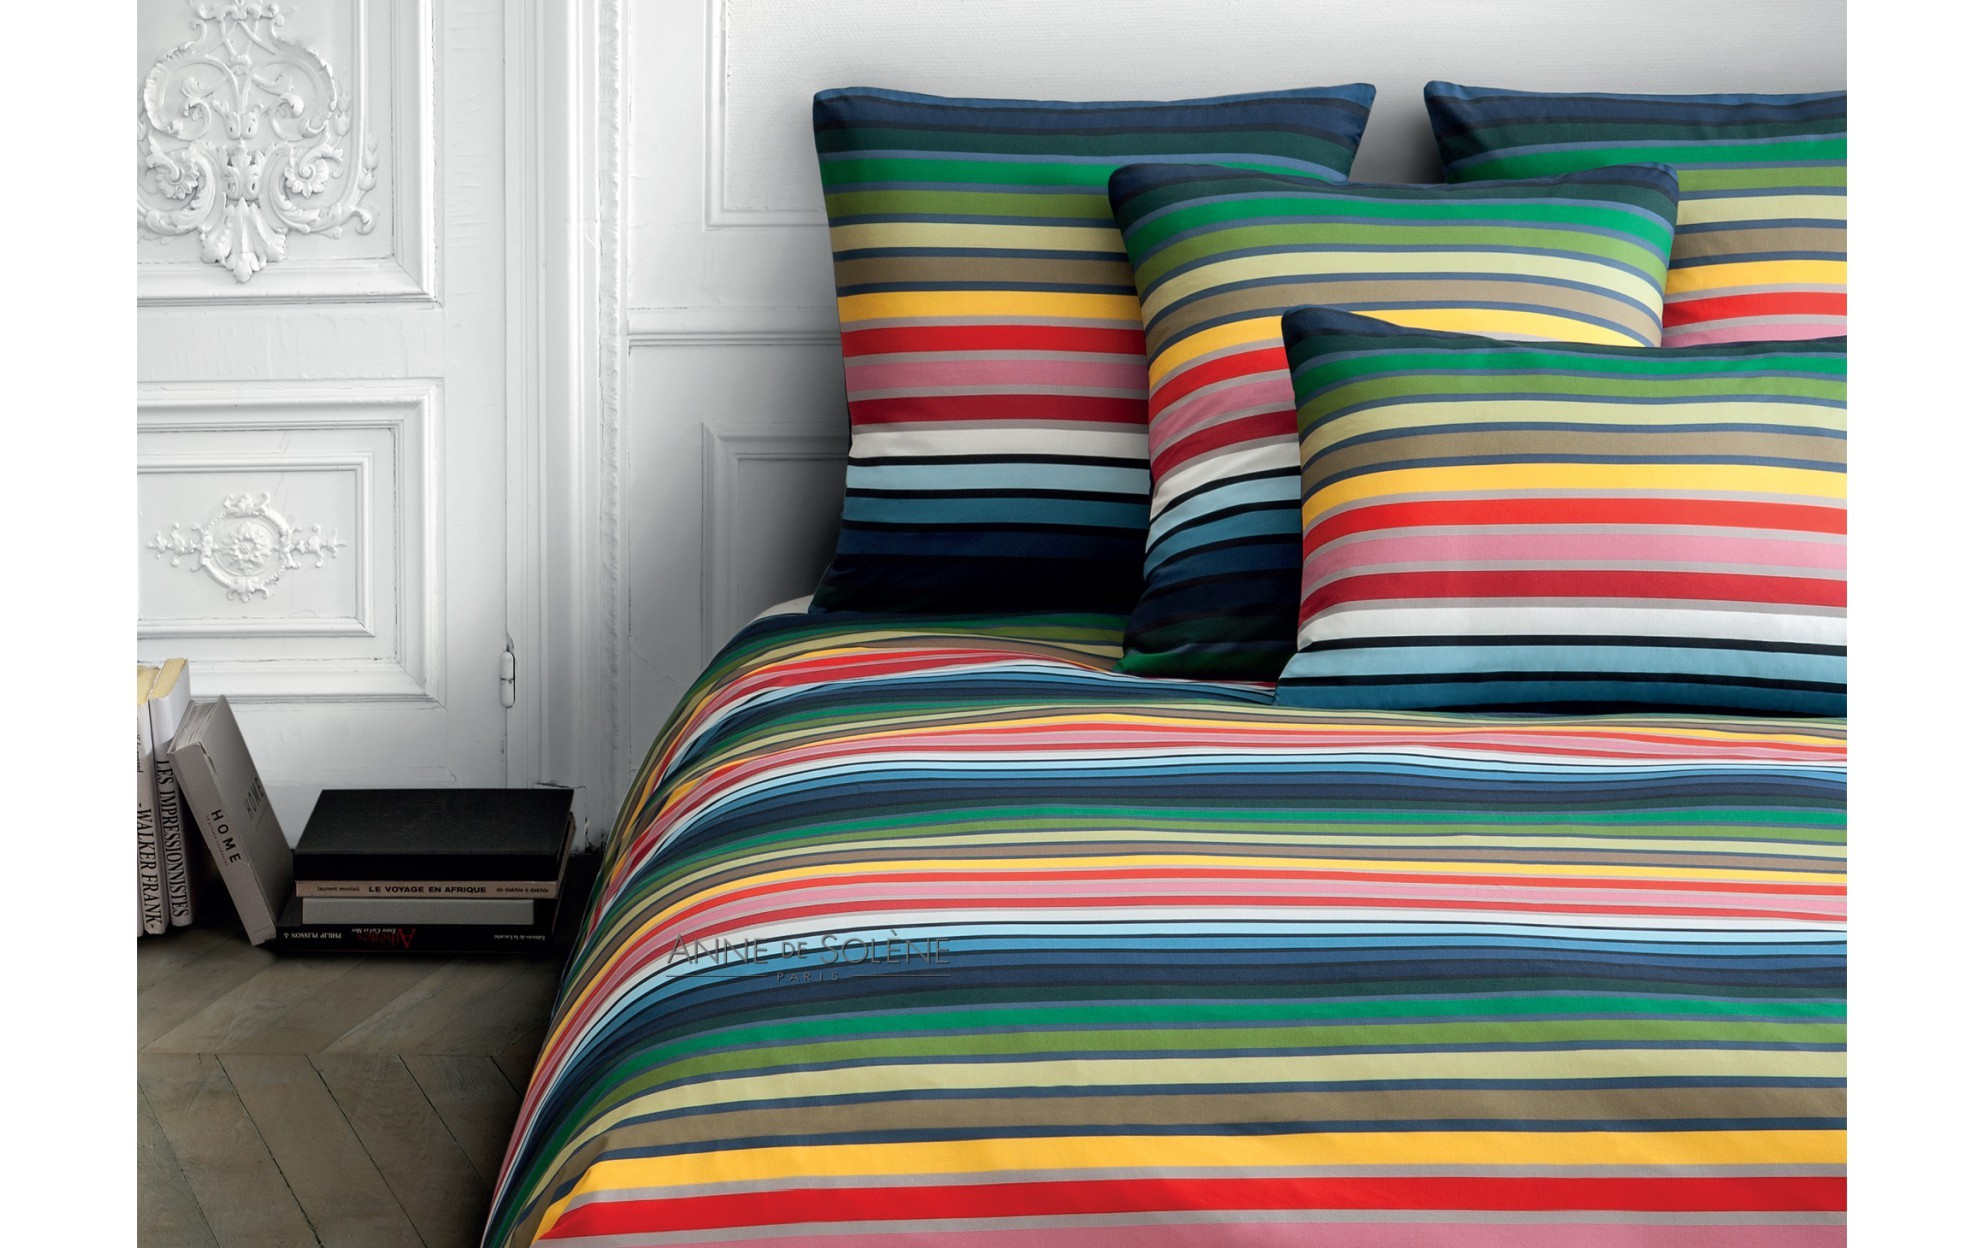 housse de couette afrique fabulous housse de couette imprime with housse de couette afrique. Black Bedroom Furniture Sets. Home Design Ideas